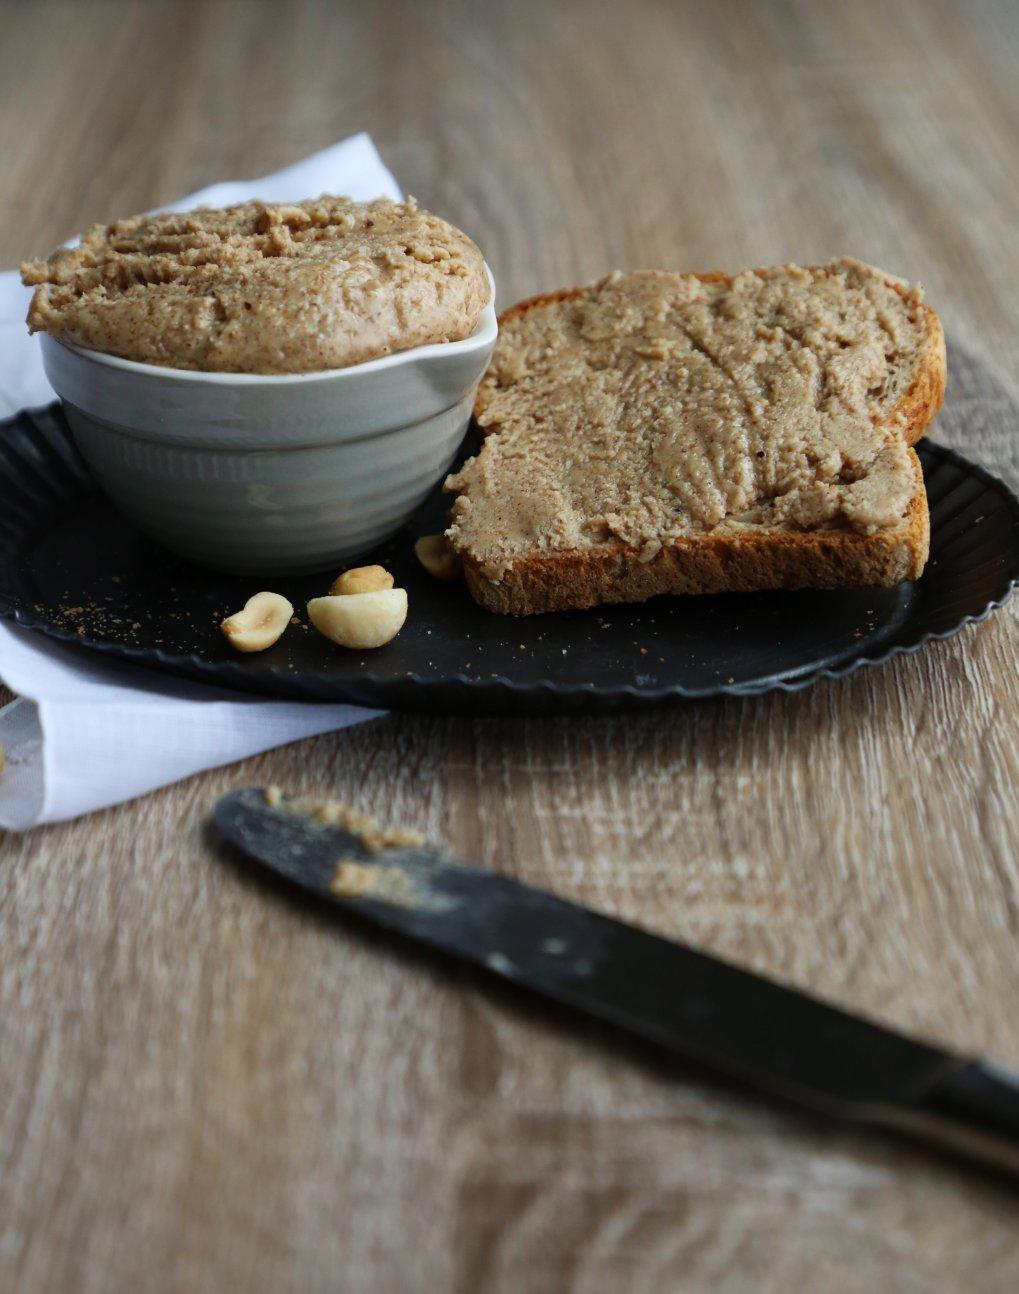 Homemade Mixed nut Butter